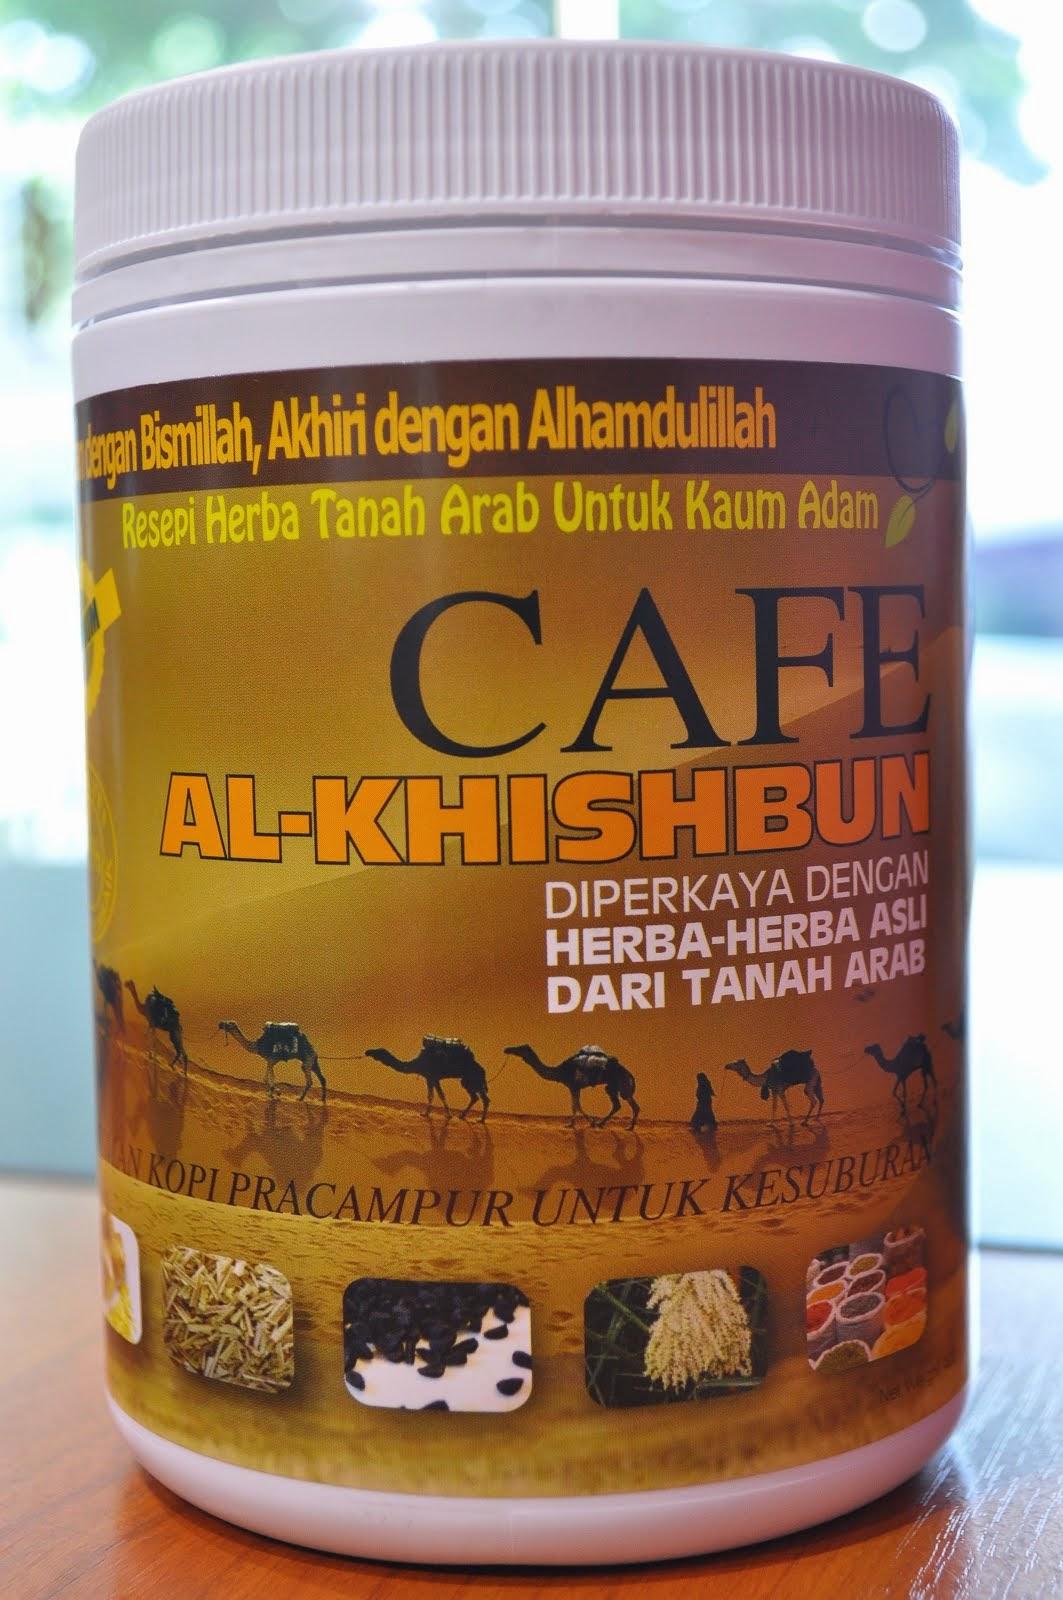 CAFE AL-KHISHBUN